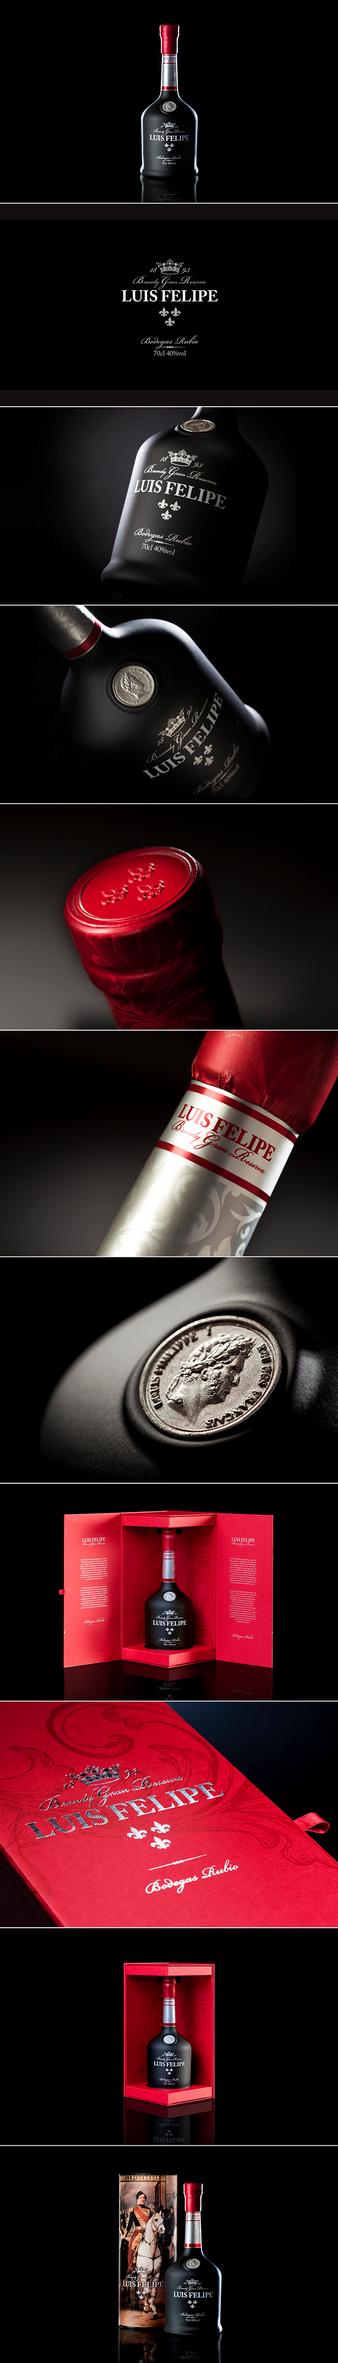 Packaging Luis Felipe by JohnAppleMan